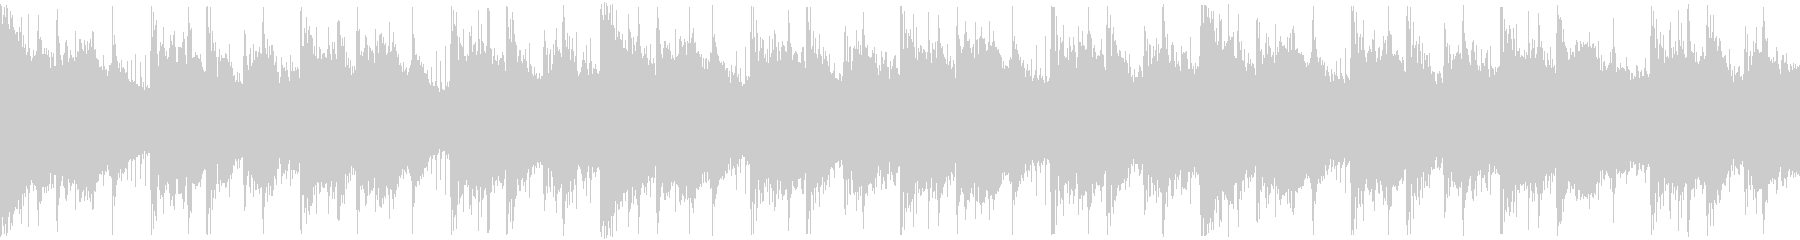 決断の時を表現したHip-Hop ループの未再生の波形